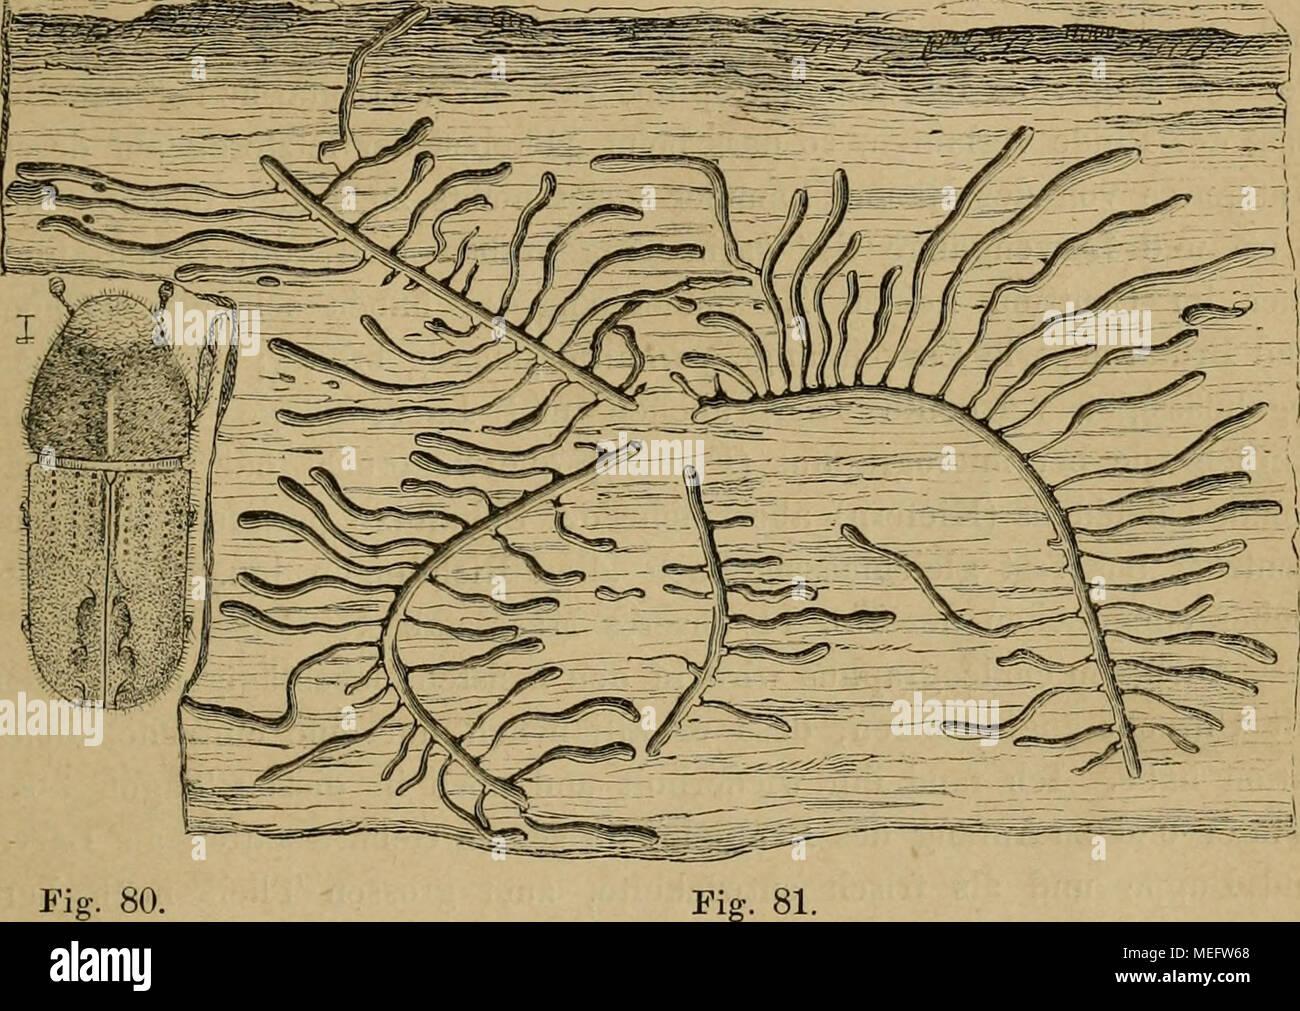 Nett Antworten Auf Laborhandbuch Für Anatomie Und Physiologie ...